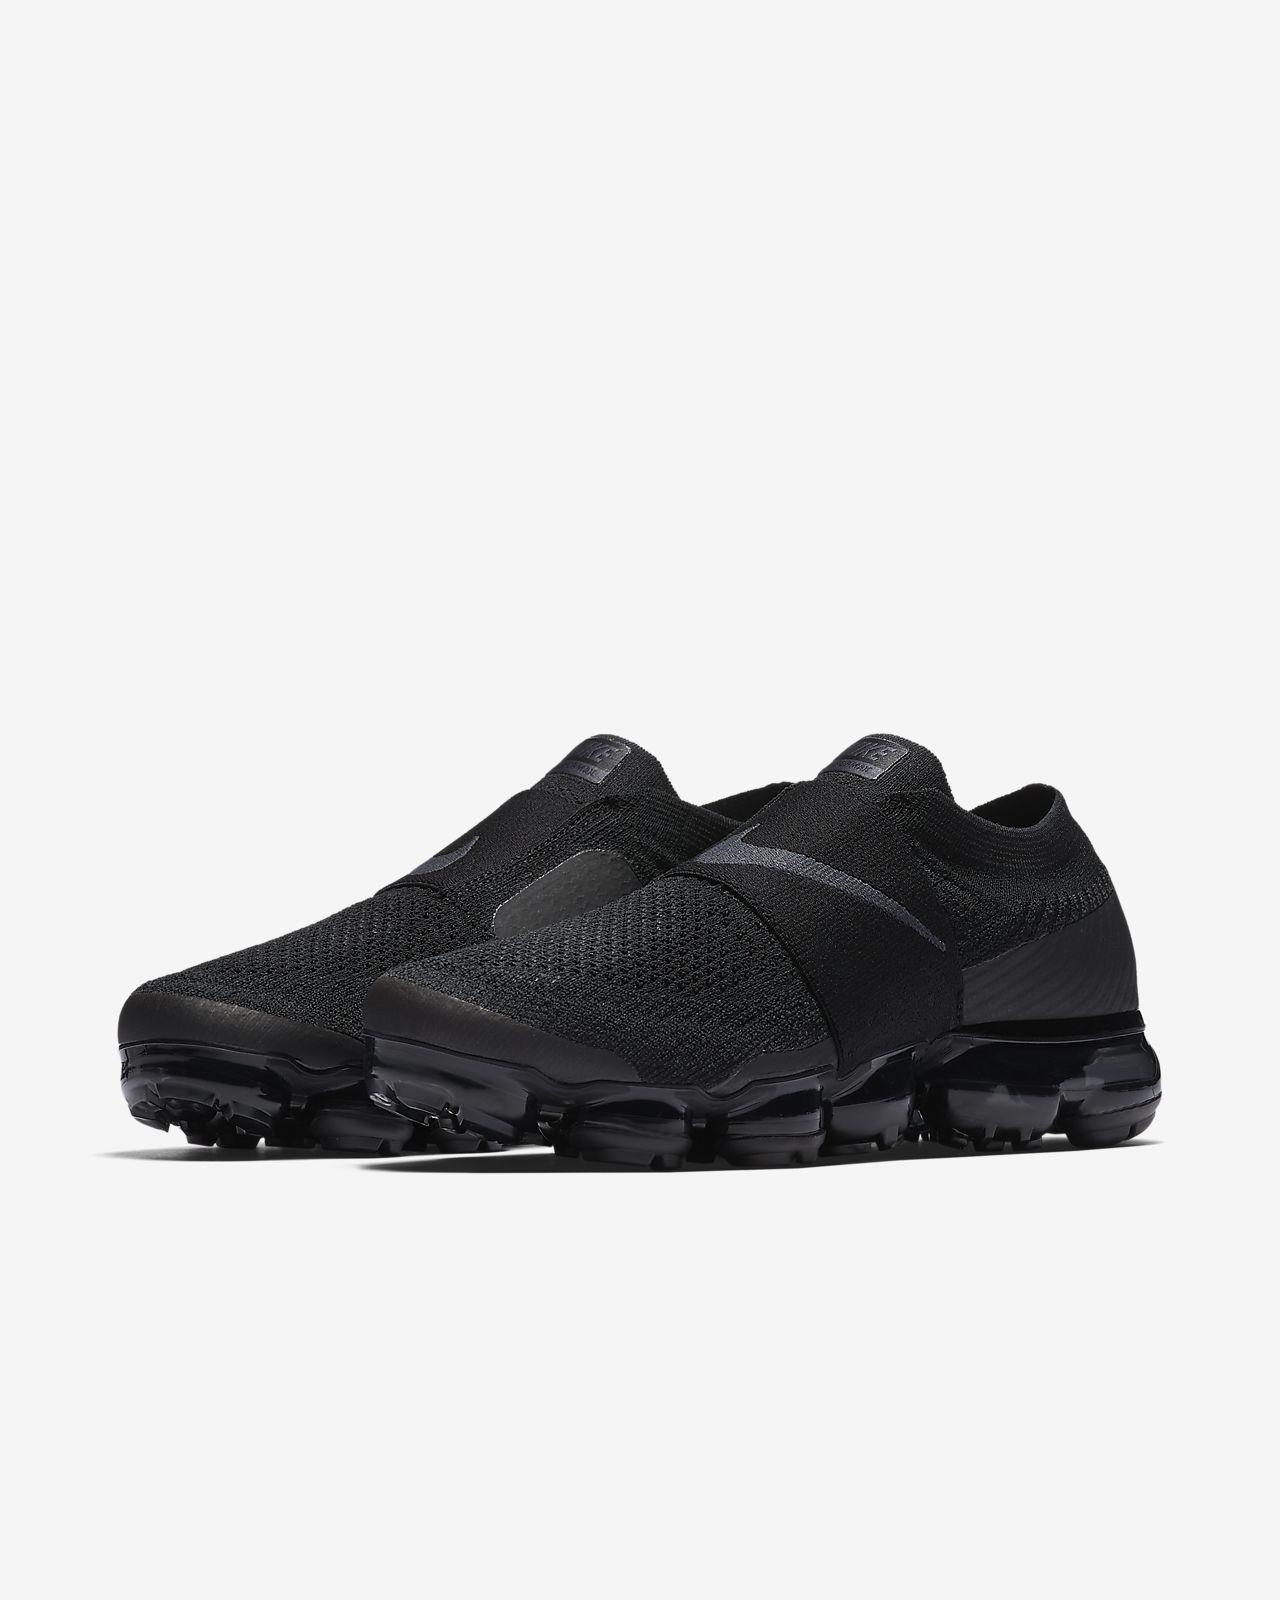 39fb63c9c45 Nike Air VaporMax Flyknit Moc Women s Running Shoe